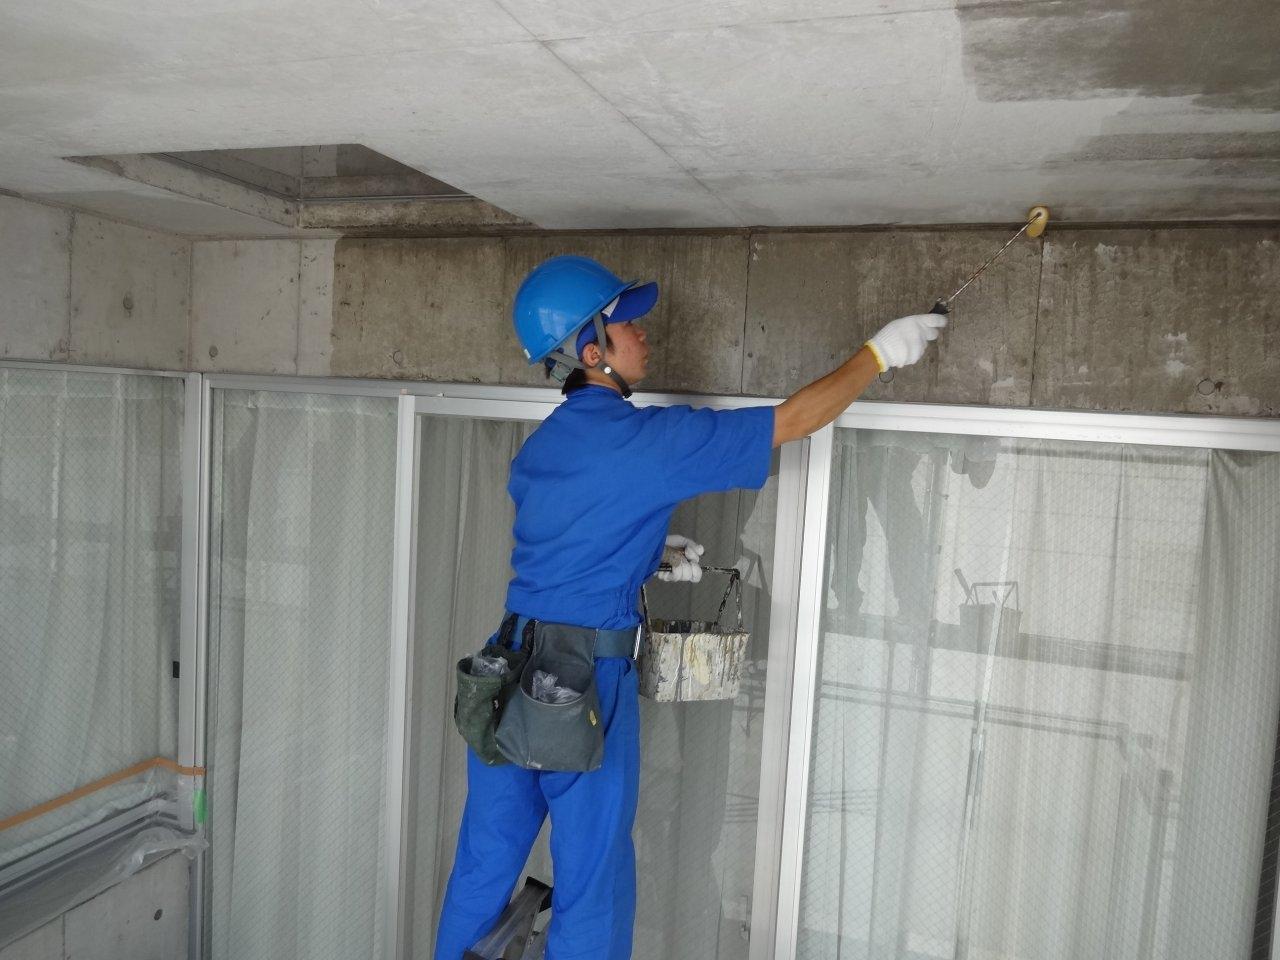 外壁保護撥水剤塗布5 バルコニー天井